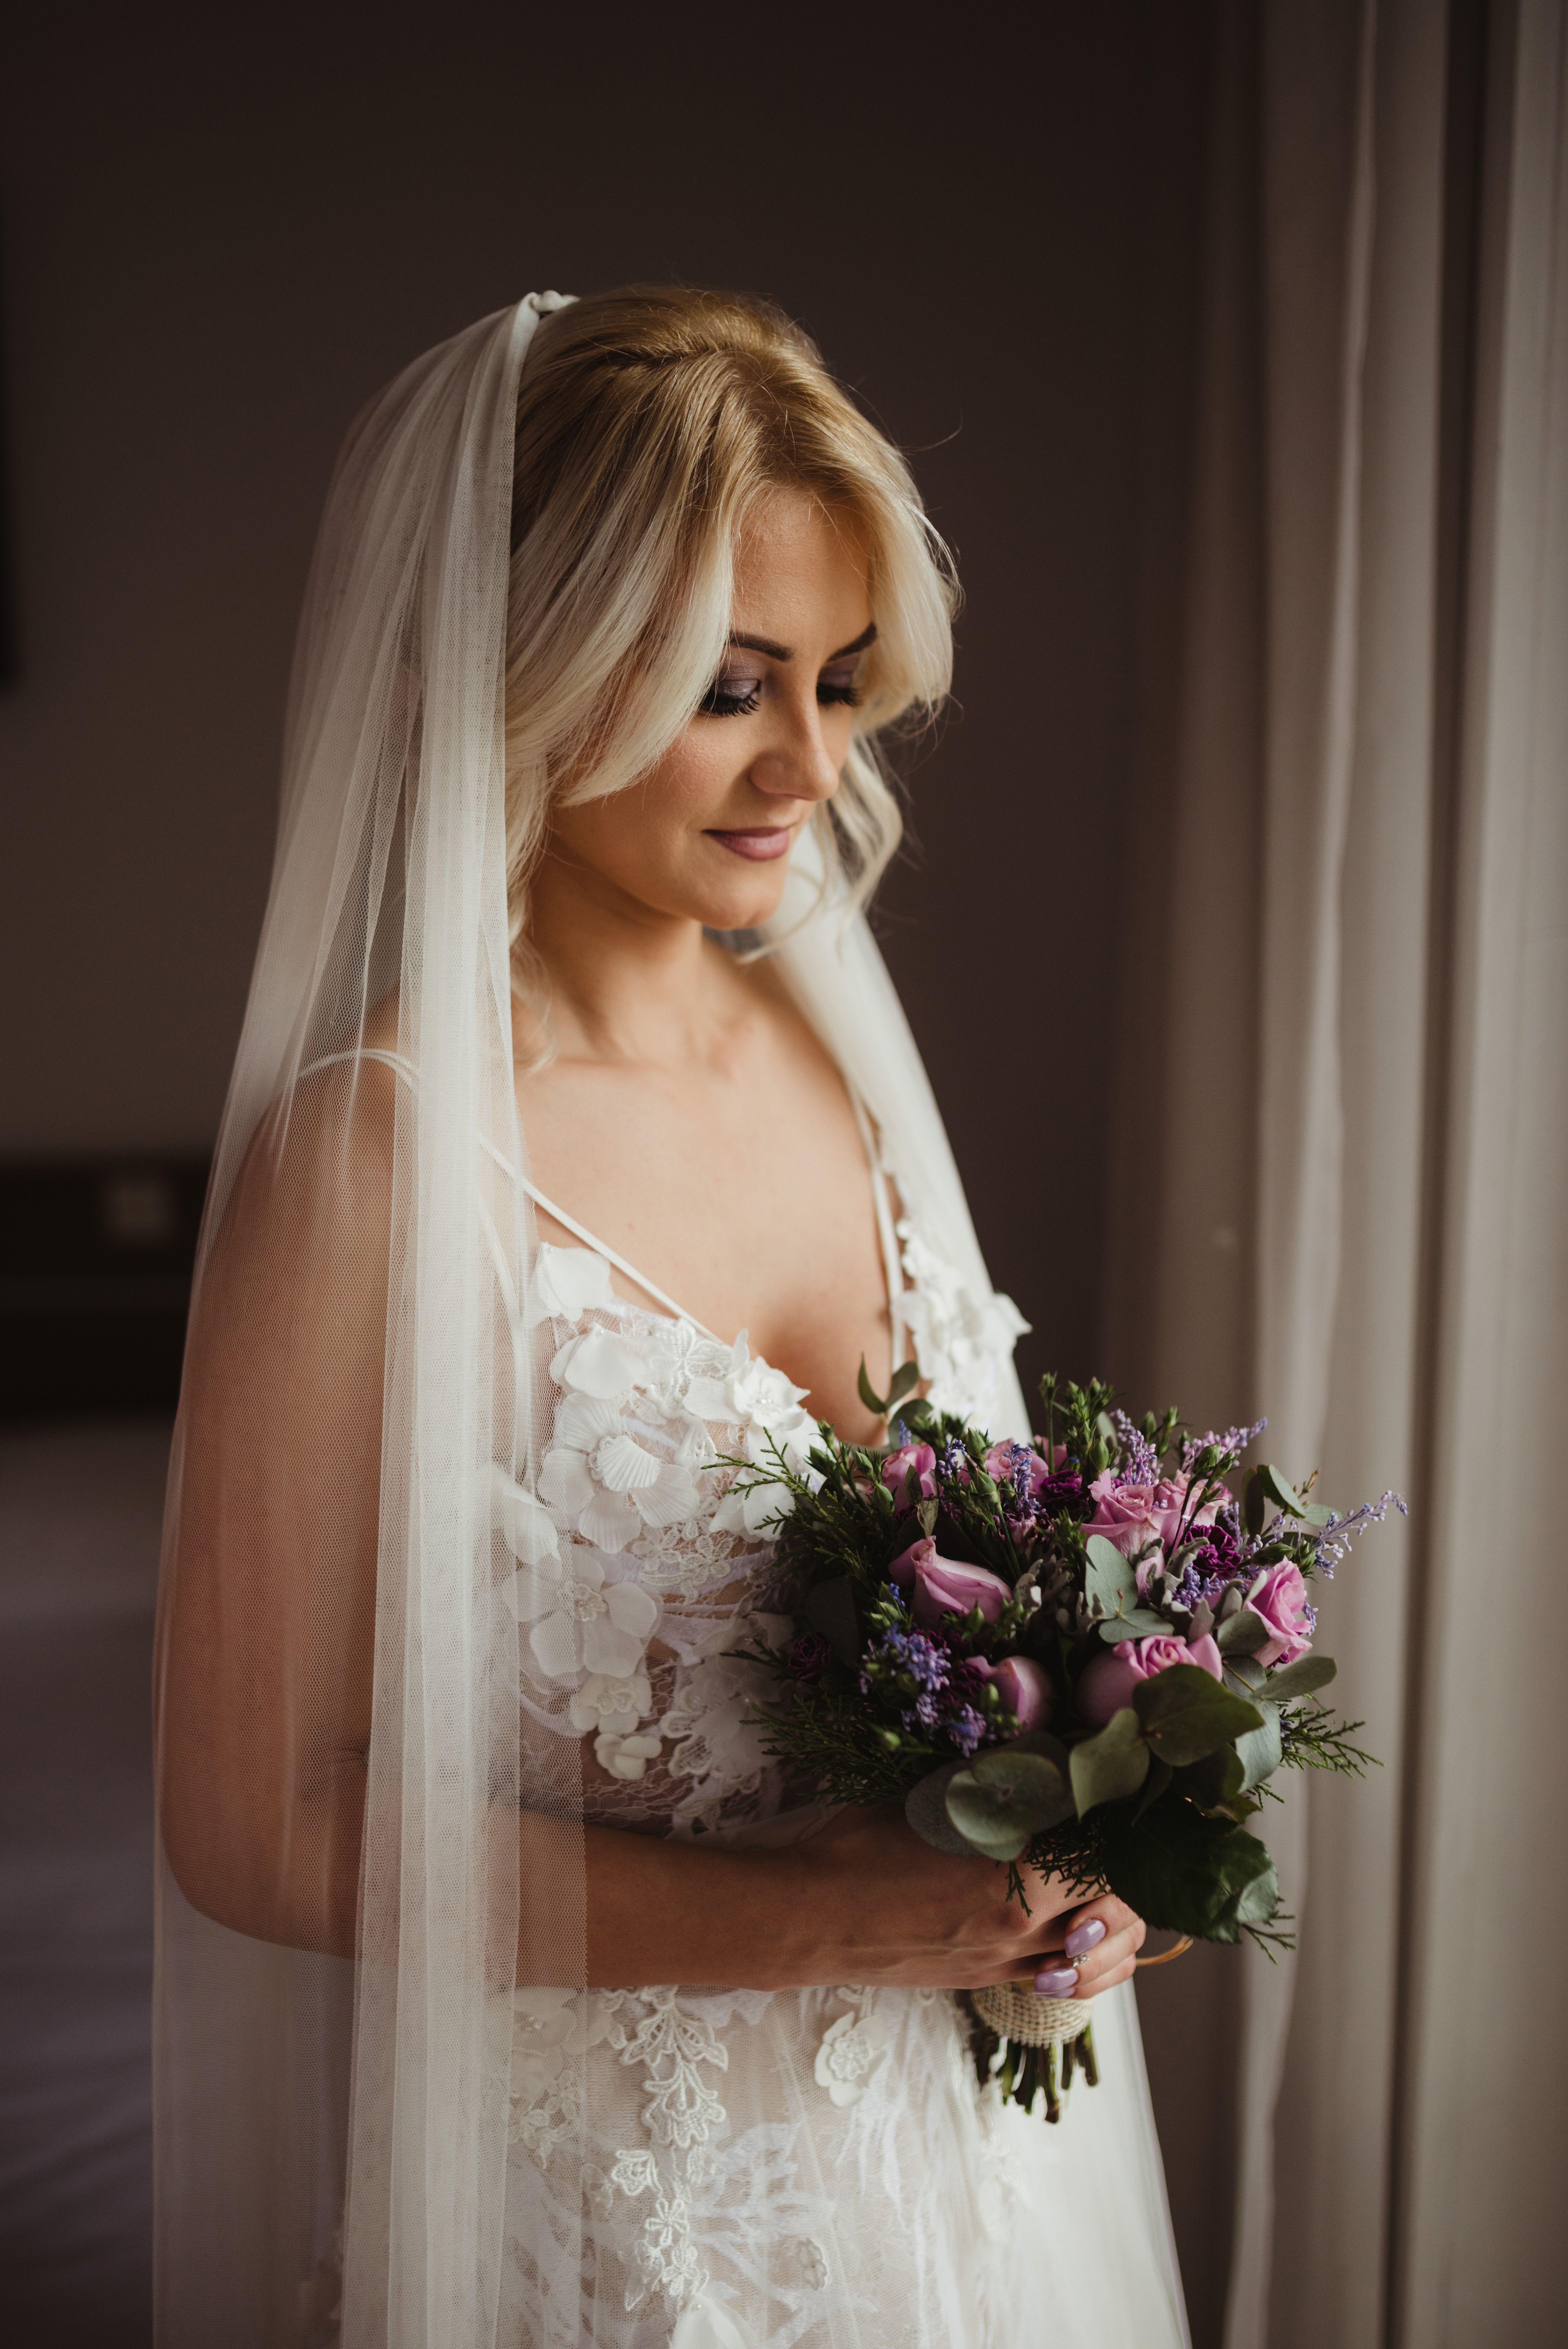 Bride prewedding shoot with 3D floral applique wedding